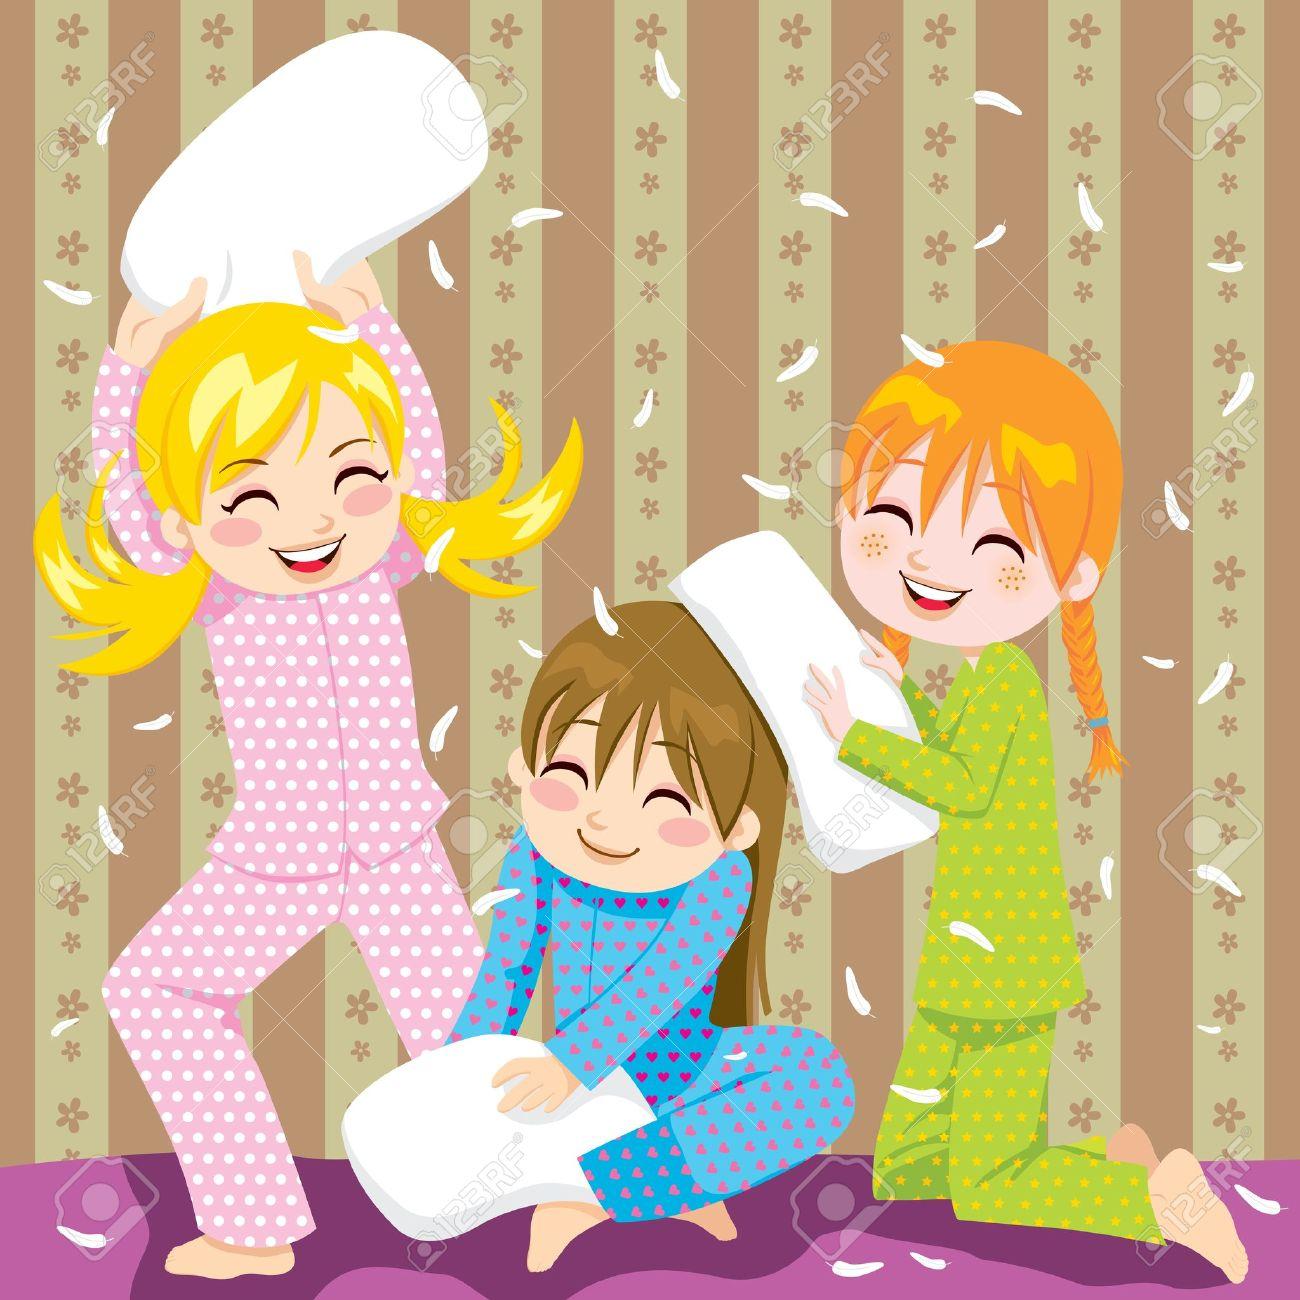 ec5584d14a Foto de archivo - Tres jóvenes que se divierten haciendo lucha de almohadas  en una fiesta de pijama